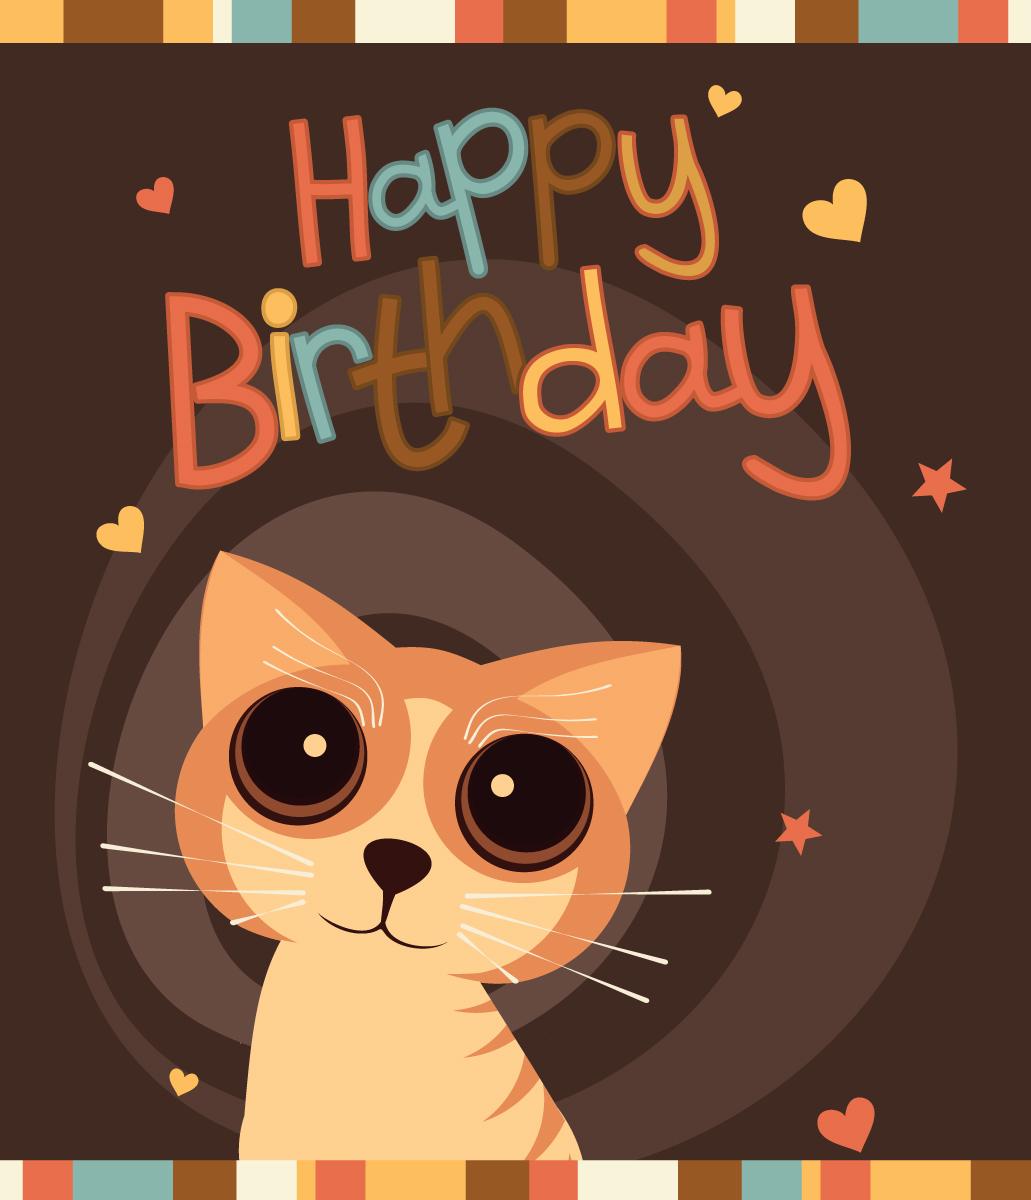 Открытка сувенирная Happy Birthday. 273801273801Открытка – поздравительная карточка, которая прочно вошла в быт человека. Не обязательно дарить дорогой подарок, главное внимание, достаточно выбрать подходящую картинку на открытке и вручить дорогому человеку.